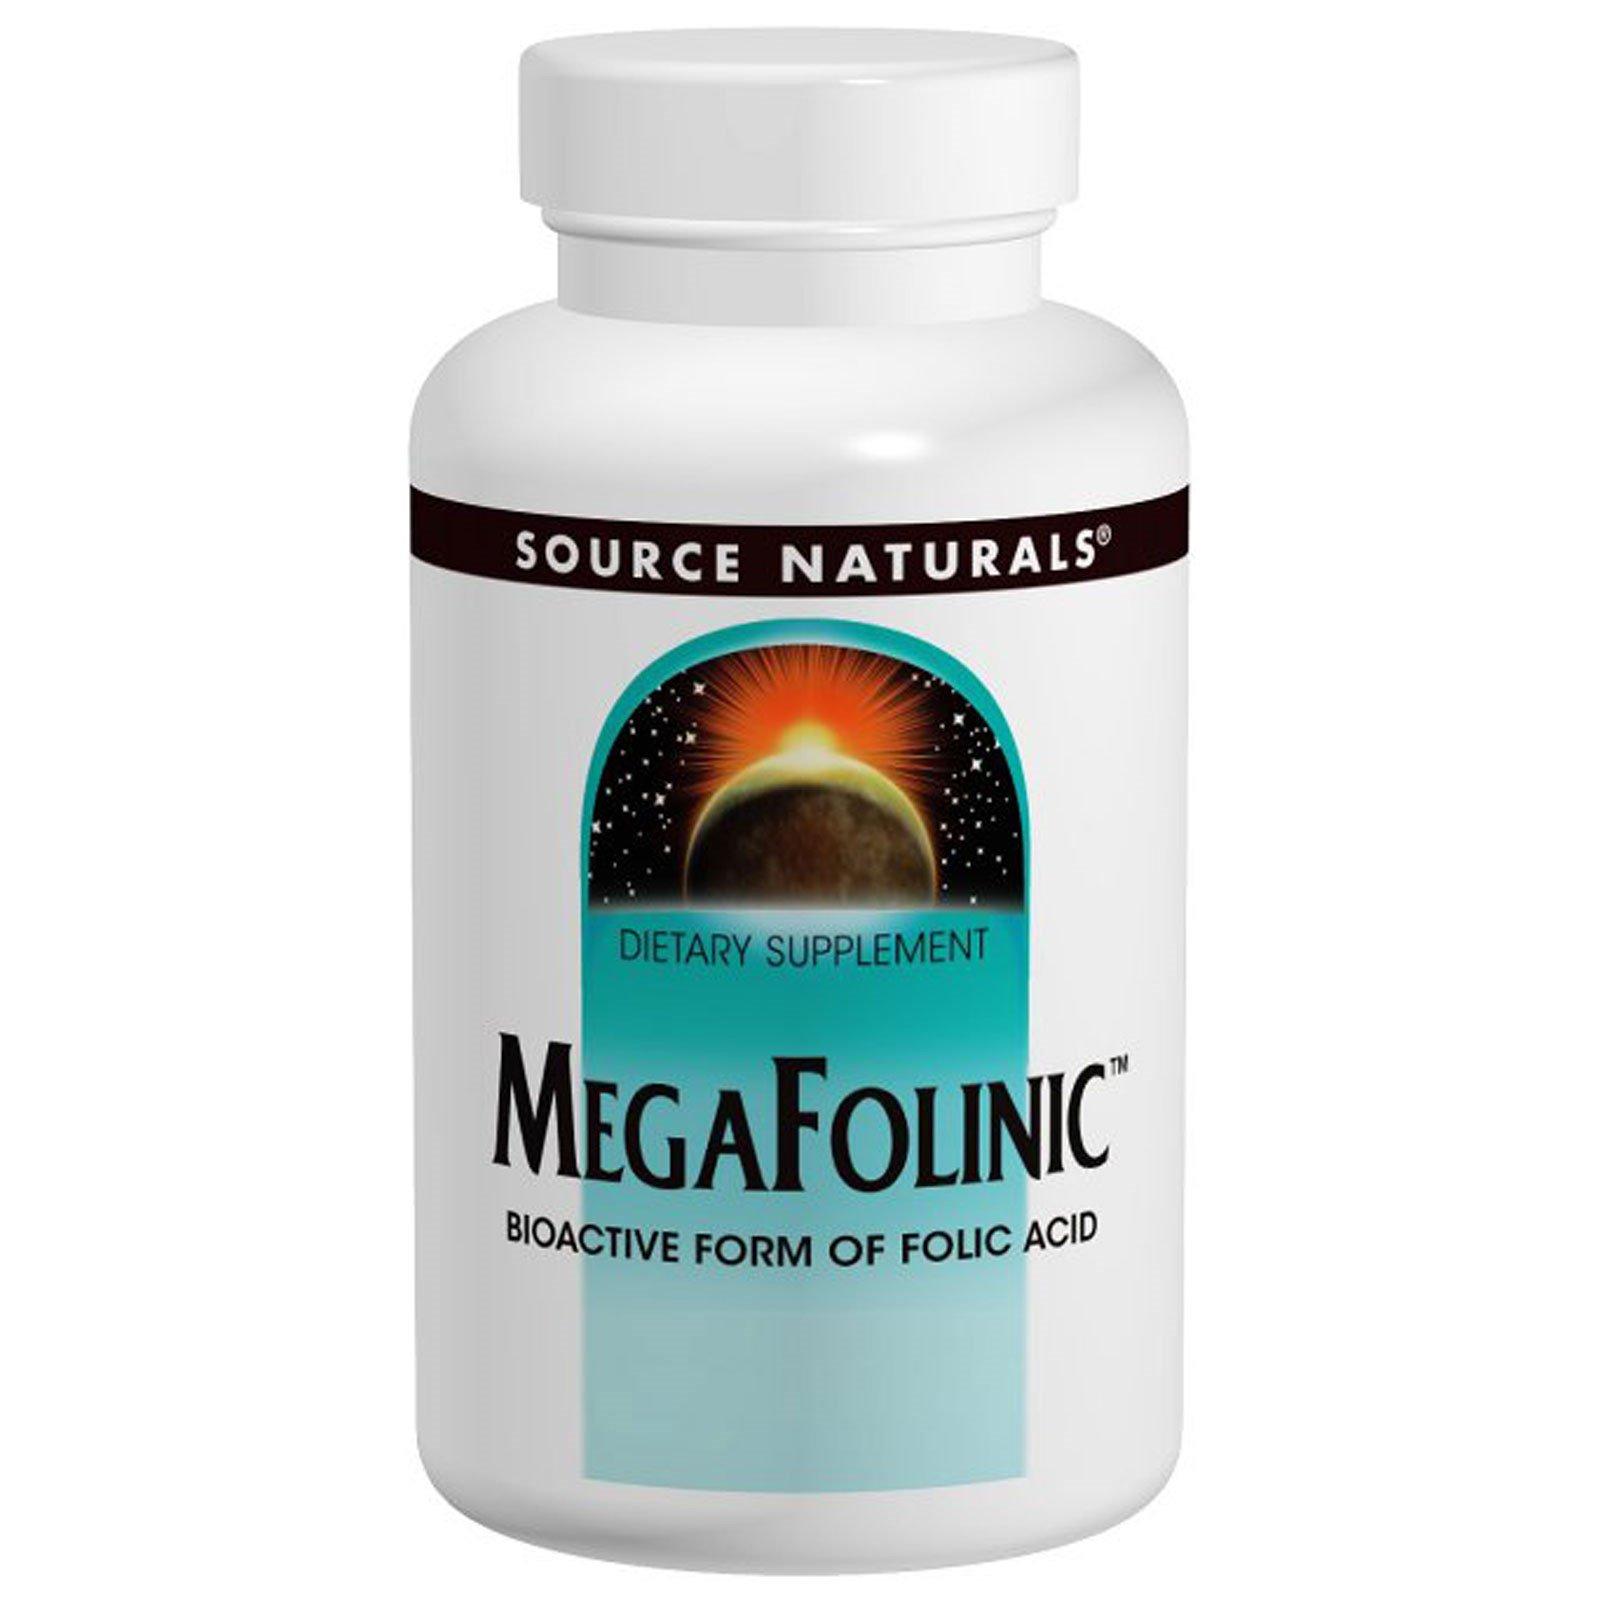 Source Naturals, Фолиевая кислота MegaFolinic, 800 мкг, 120 таблеток